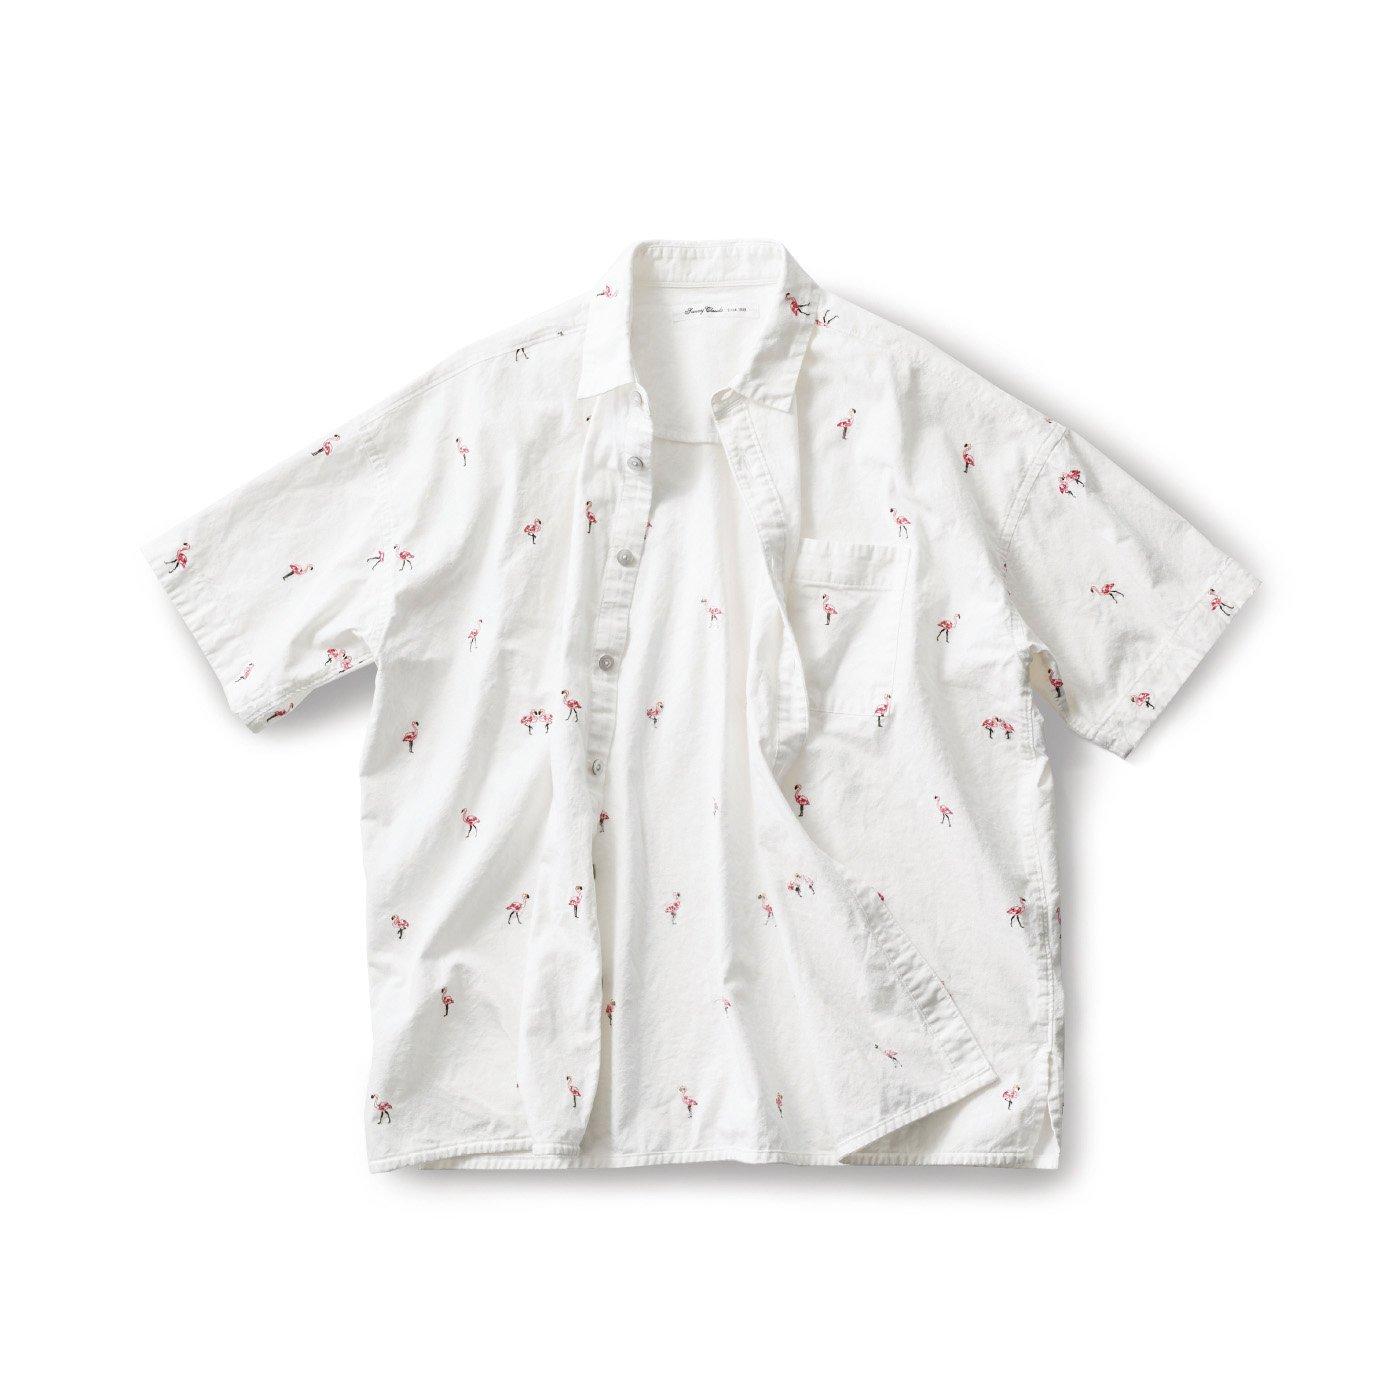 サニークラウズ ご陽気フラミンゴシャツ〈メンズ〉白